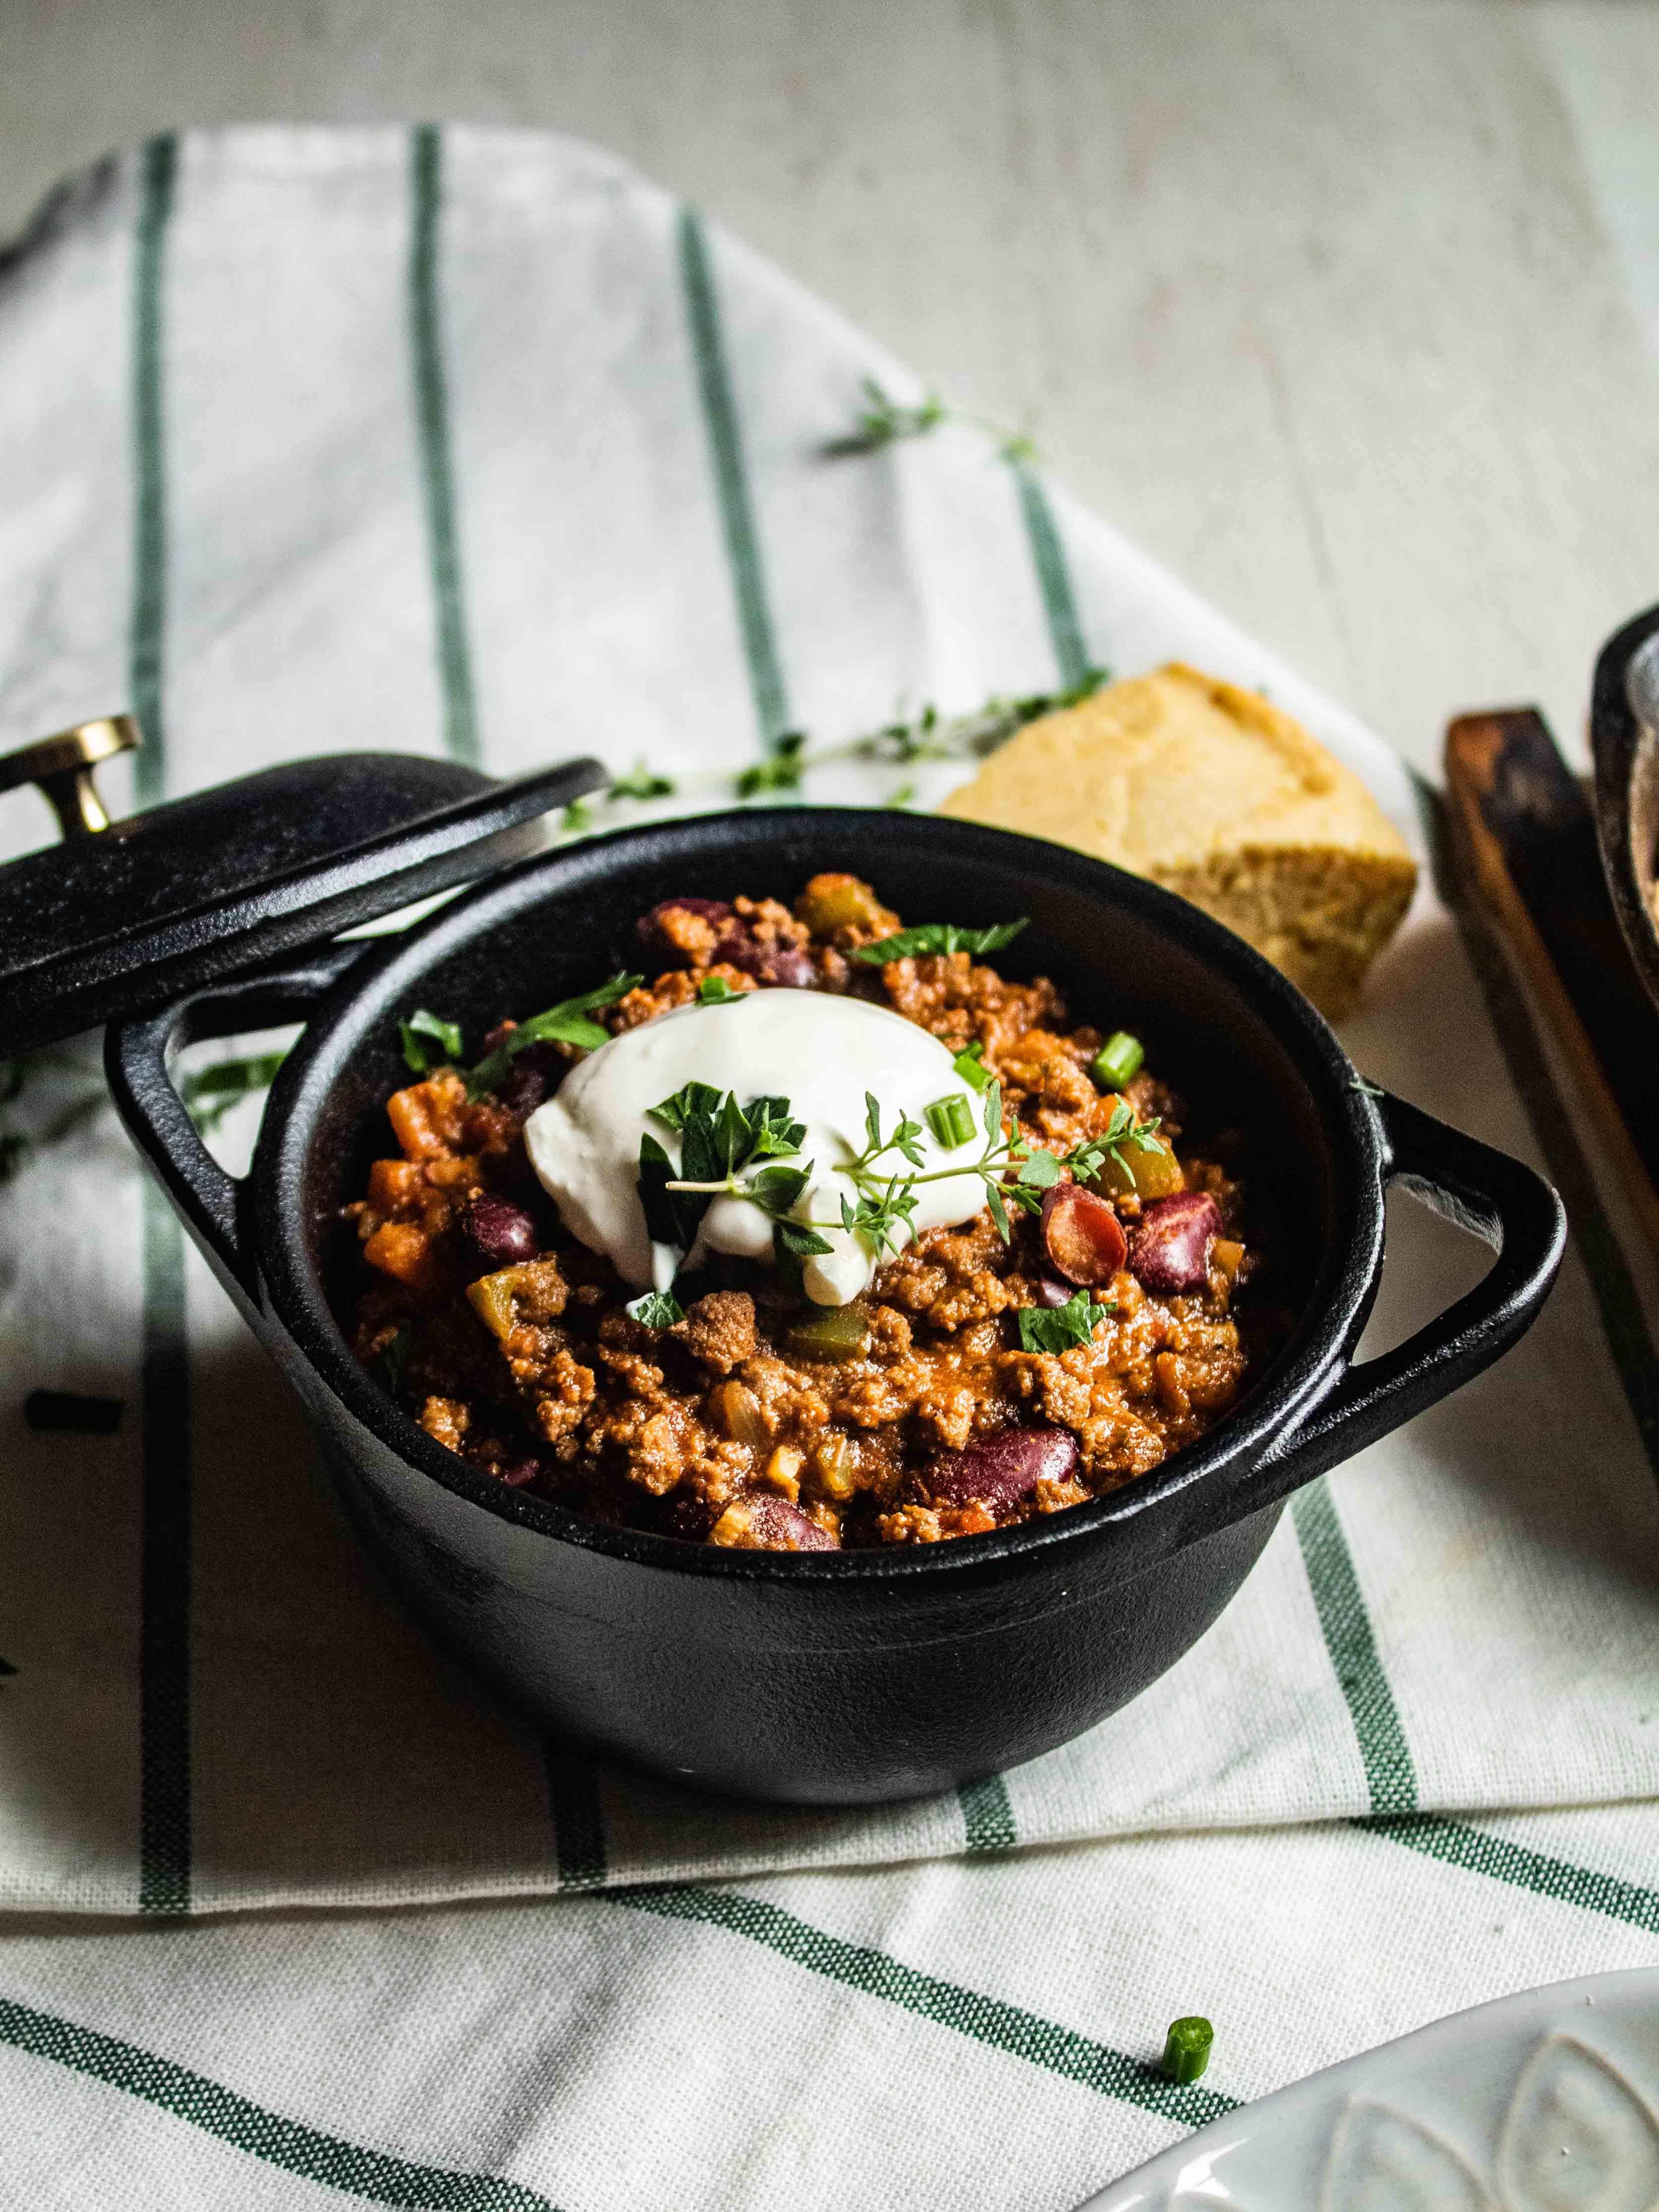 Gluten free Chili Con Carne